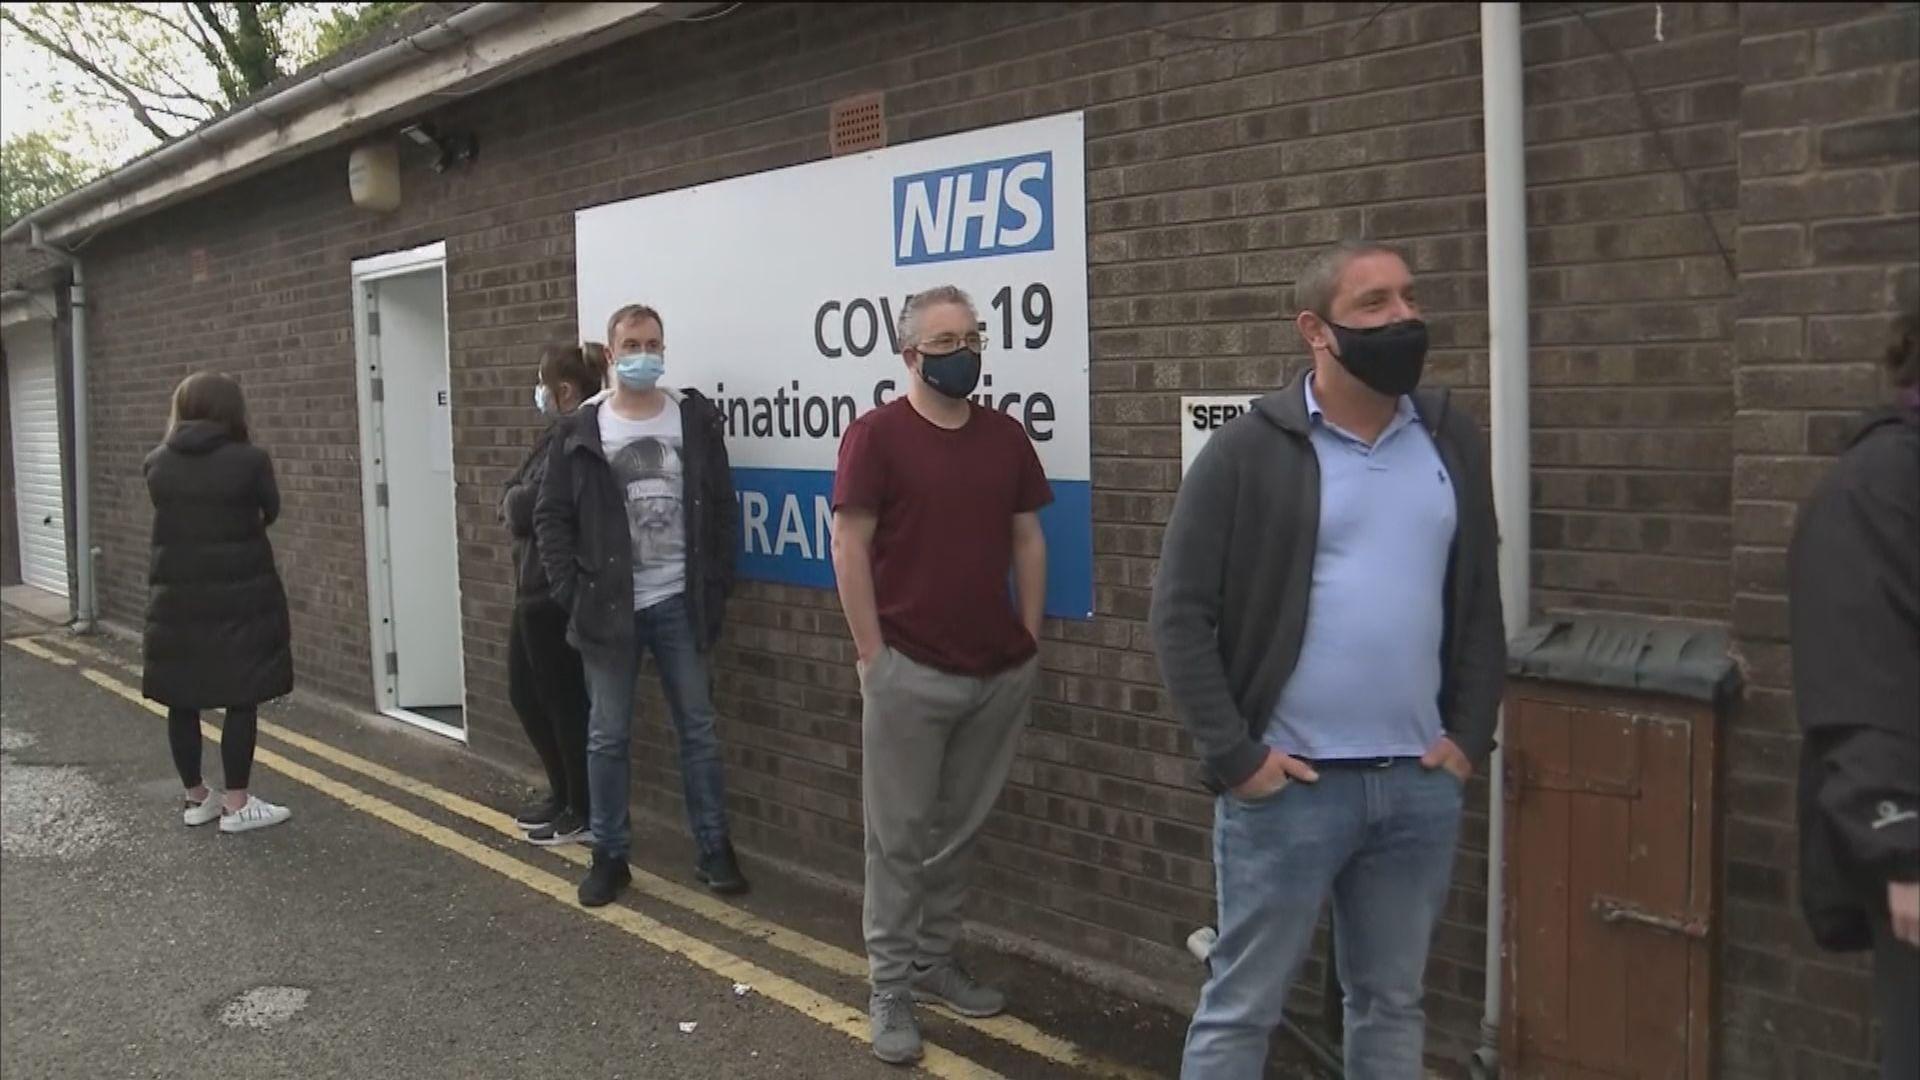 英國新增逾1萬1千宗新冠病毒確診個案